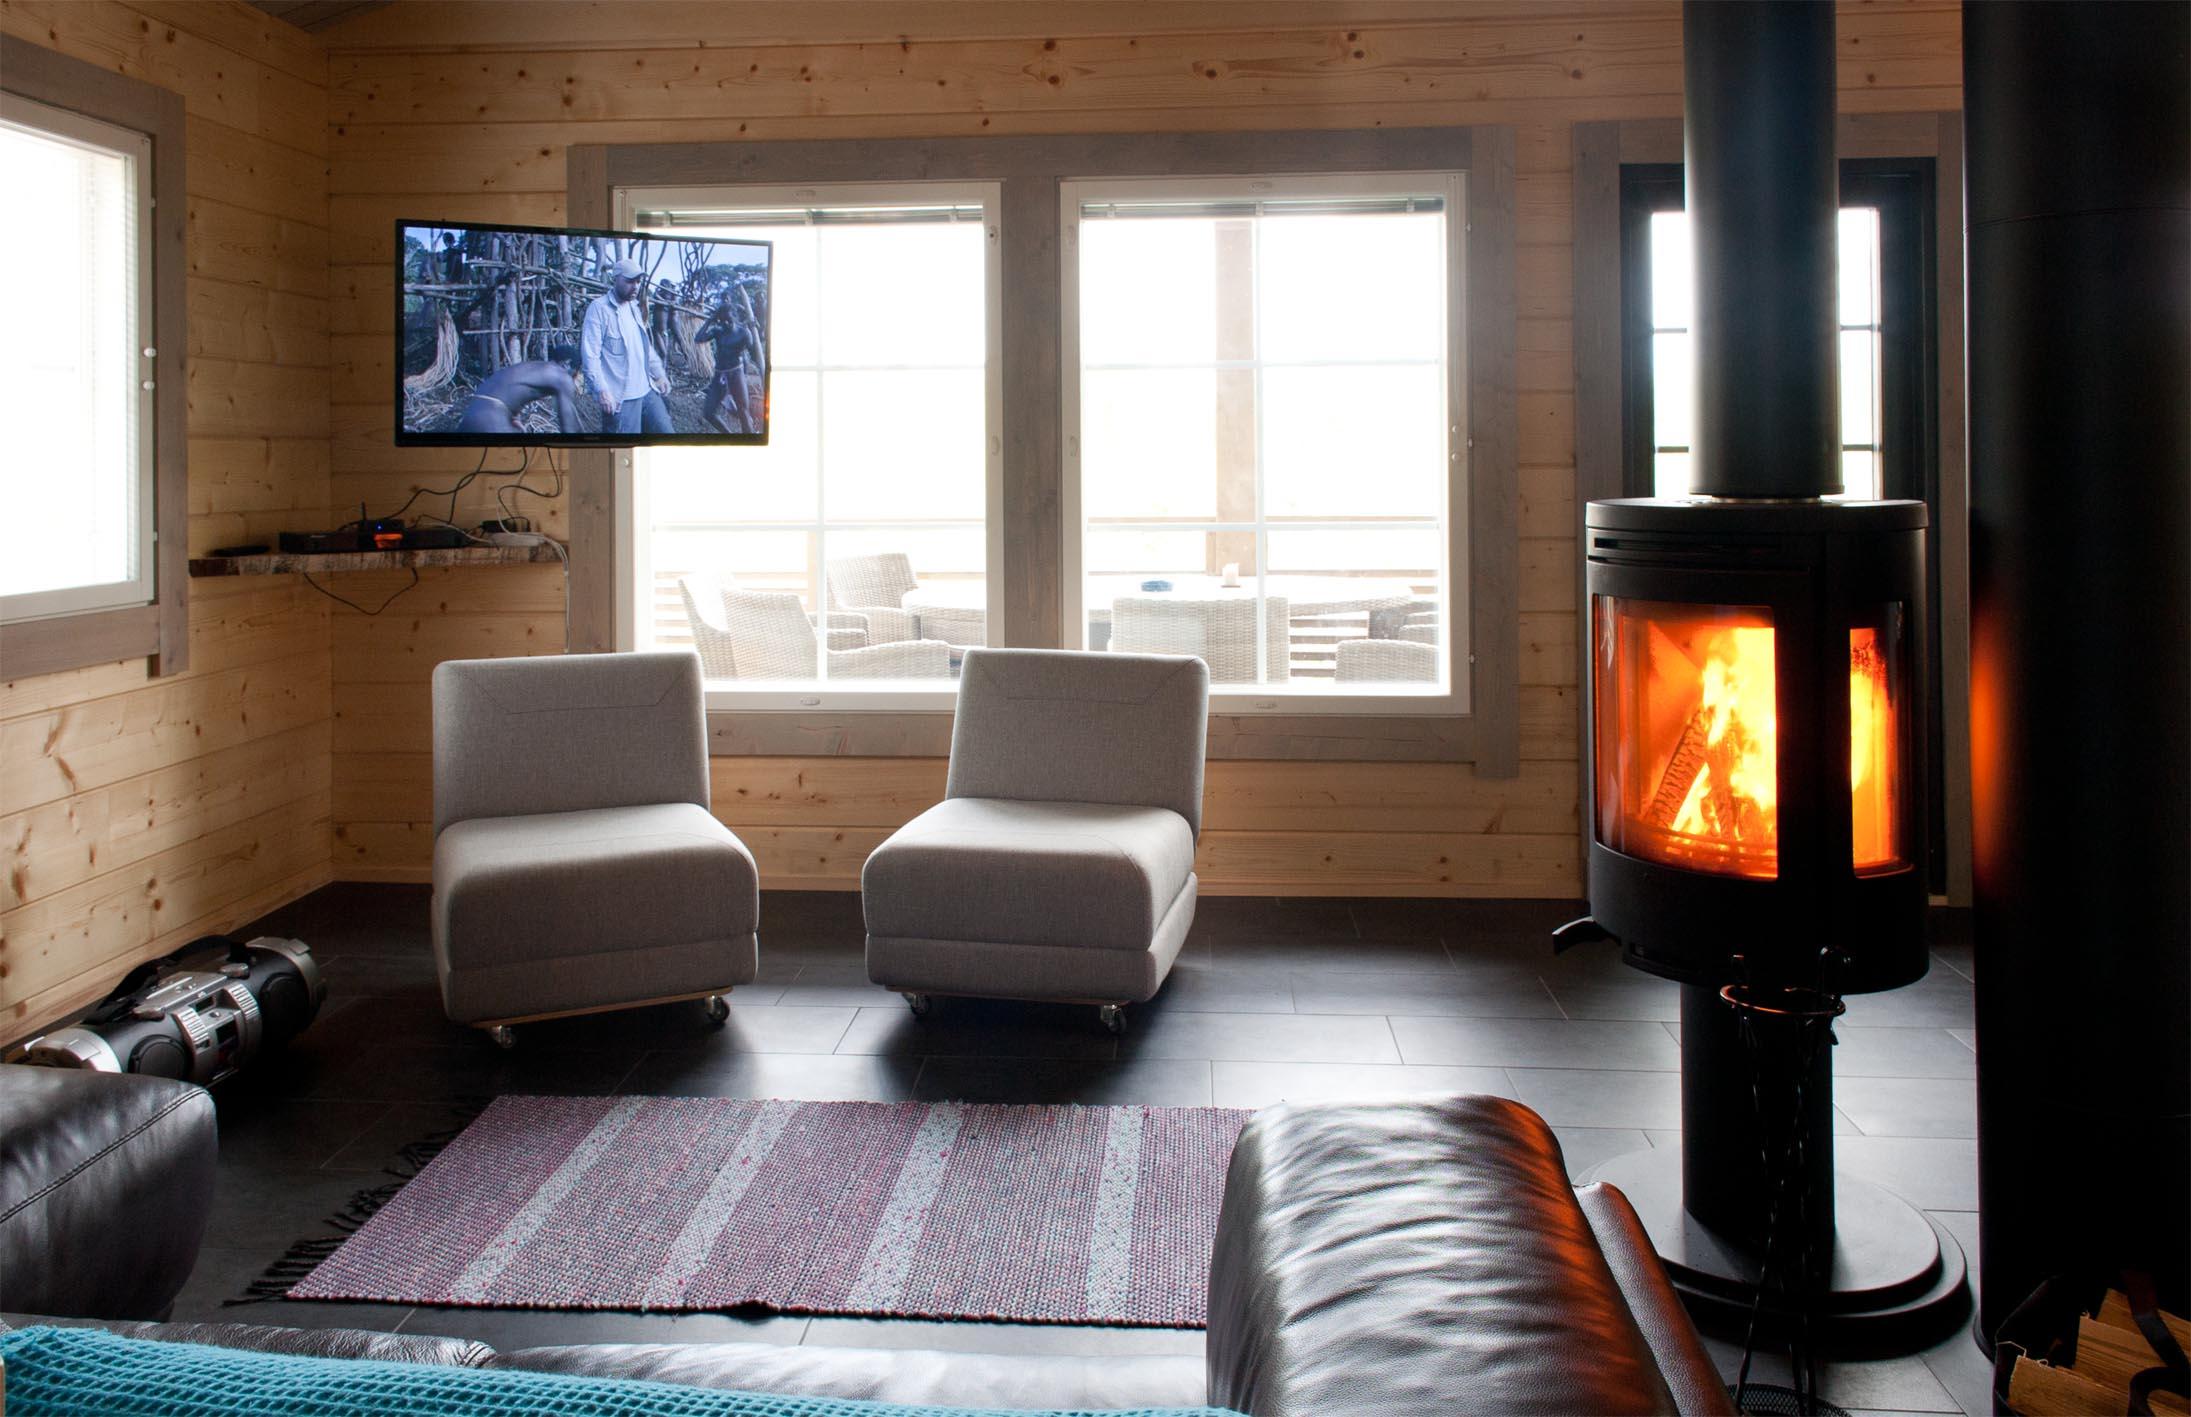 Озерна рибалка і люкс відпочинок у Південній Савонії (Фінляндія)